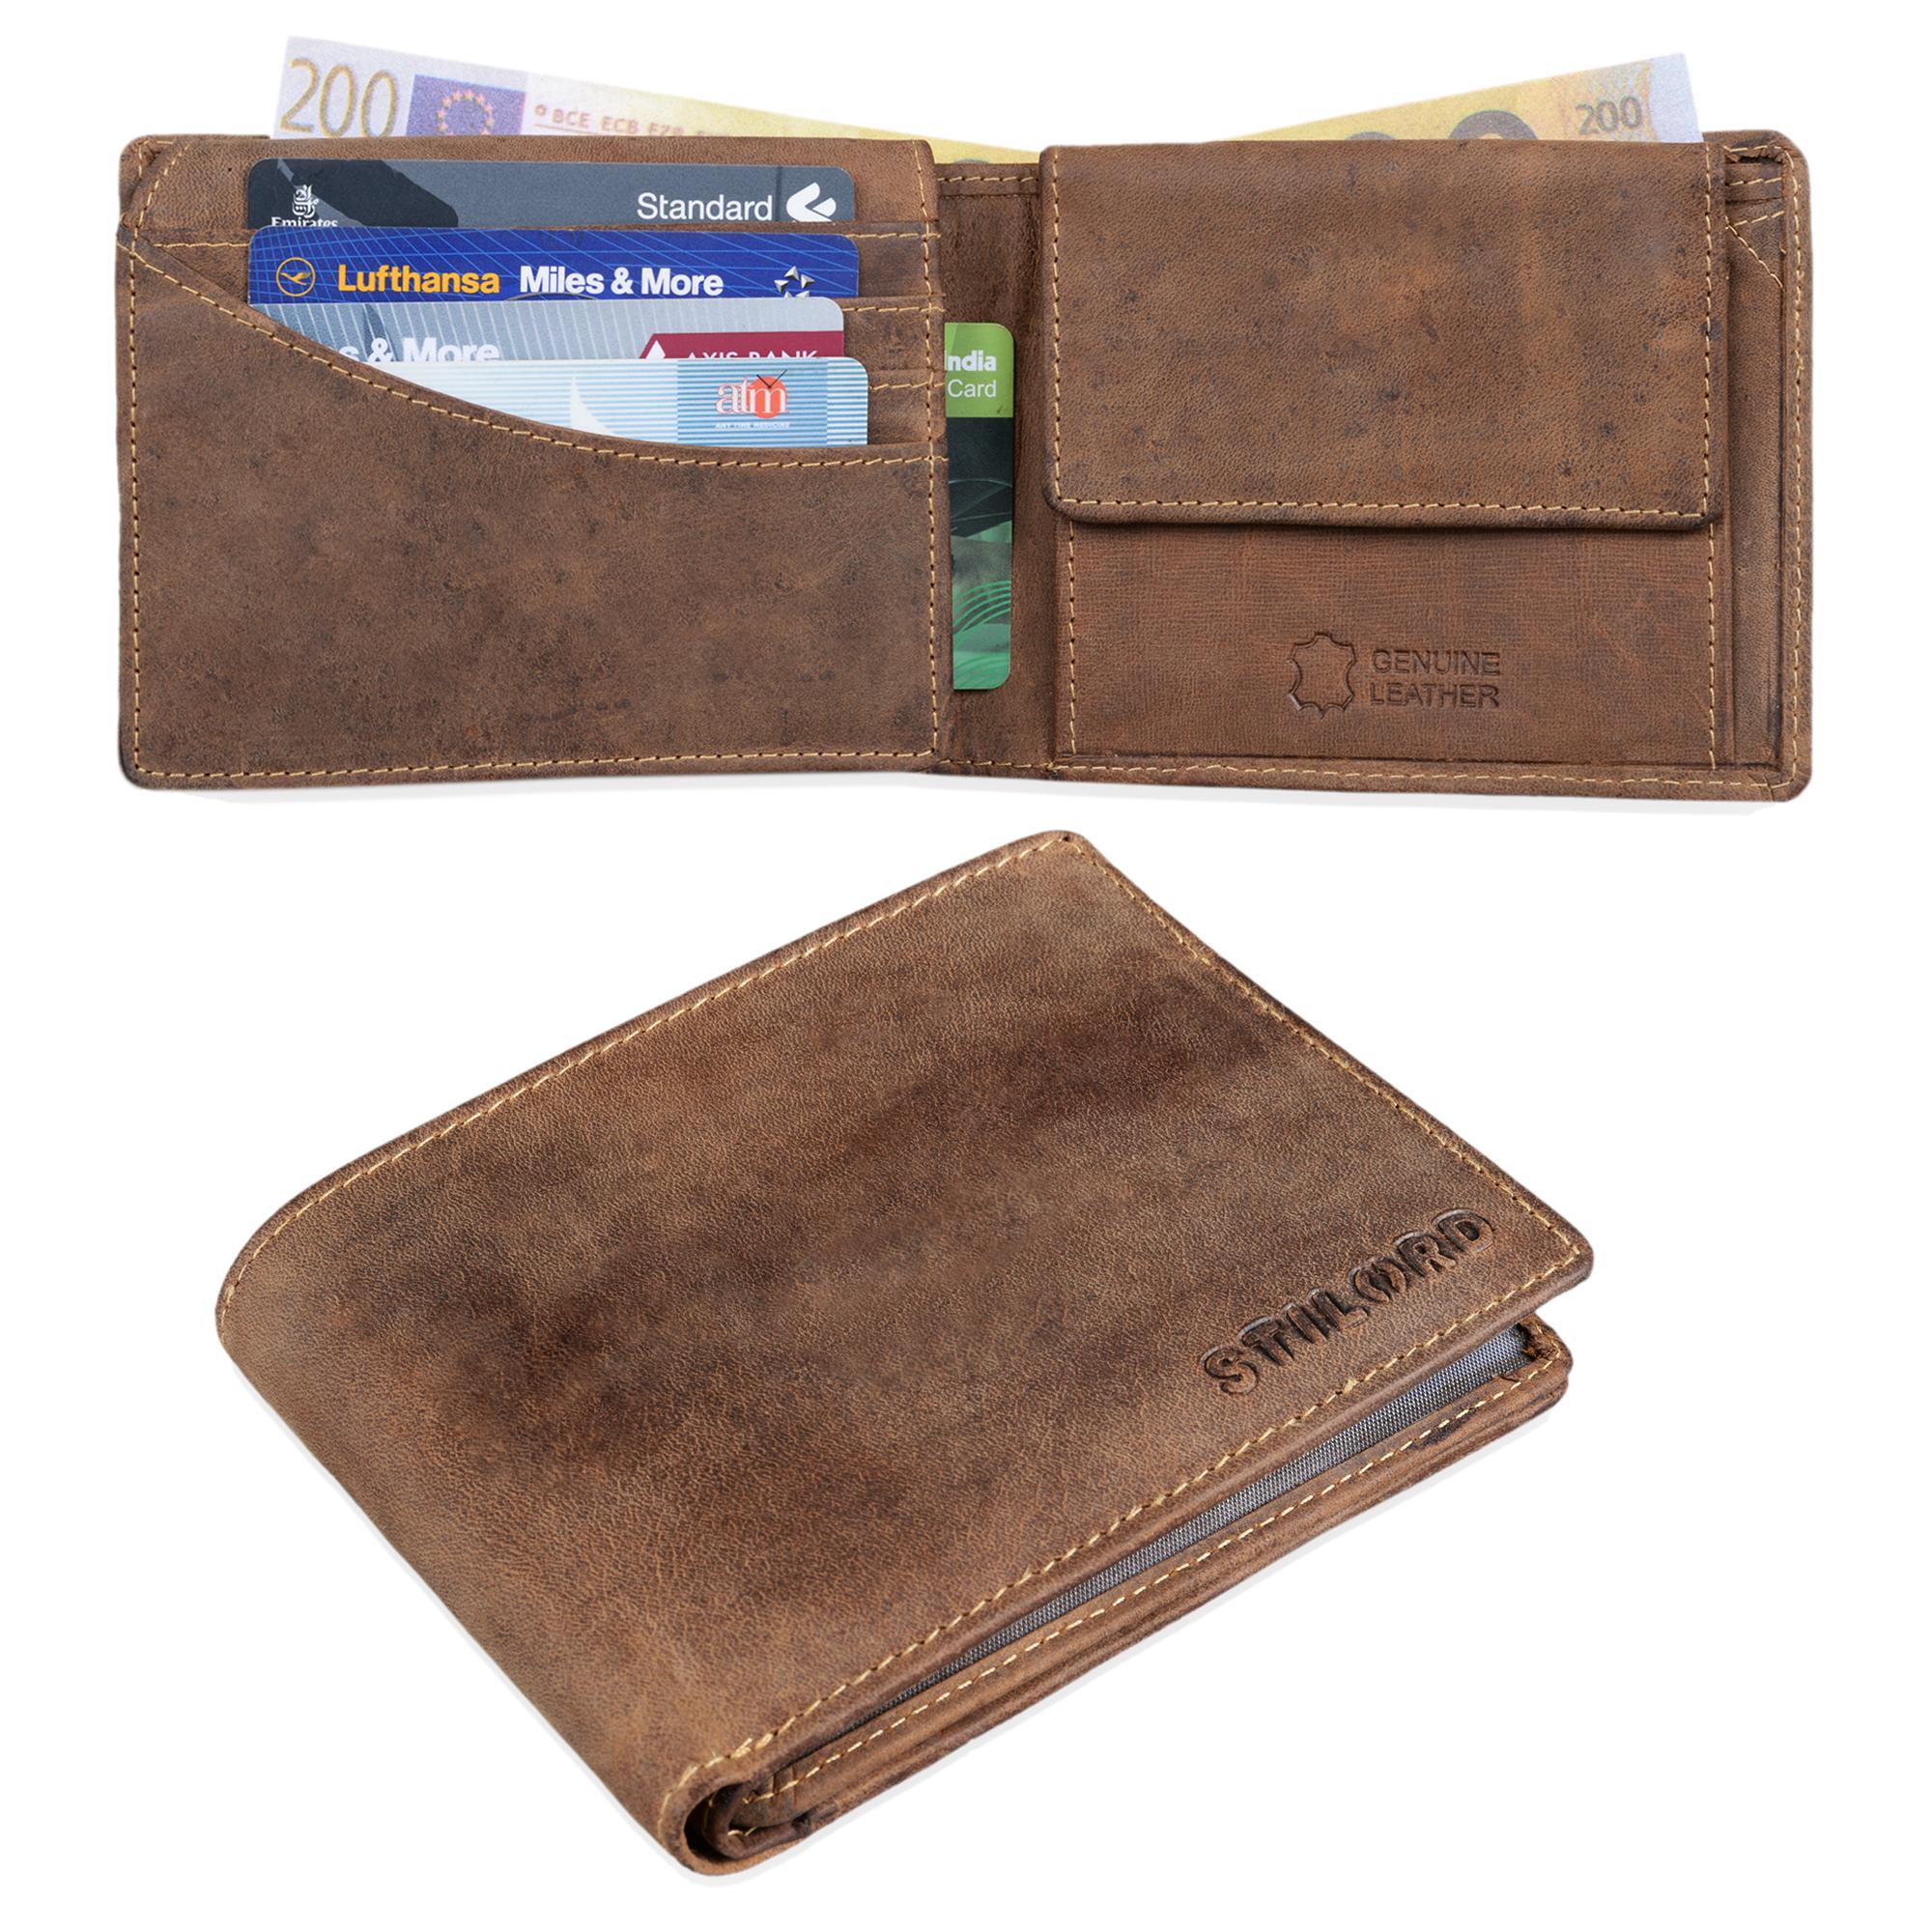 """STILORD """"Ethan"""" Vintage Leder Geldbörse Herren Portemonnaie Geldbeutel mit 7 EC Karten-Fächer Münzfach und Ausweisfach Brieftasche aus echtem Leder - Bild 2"""